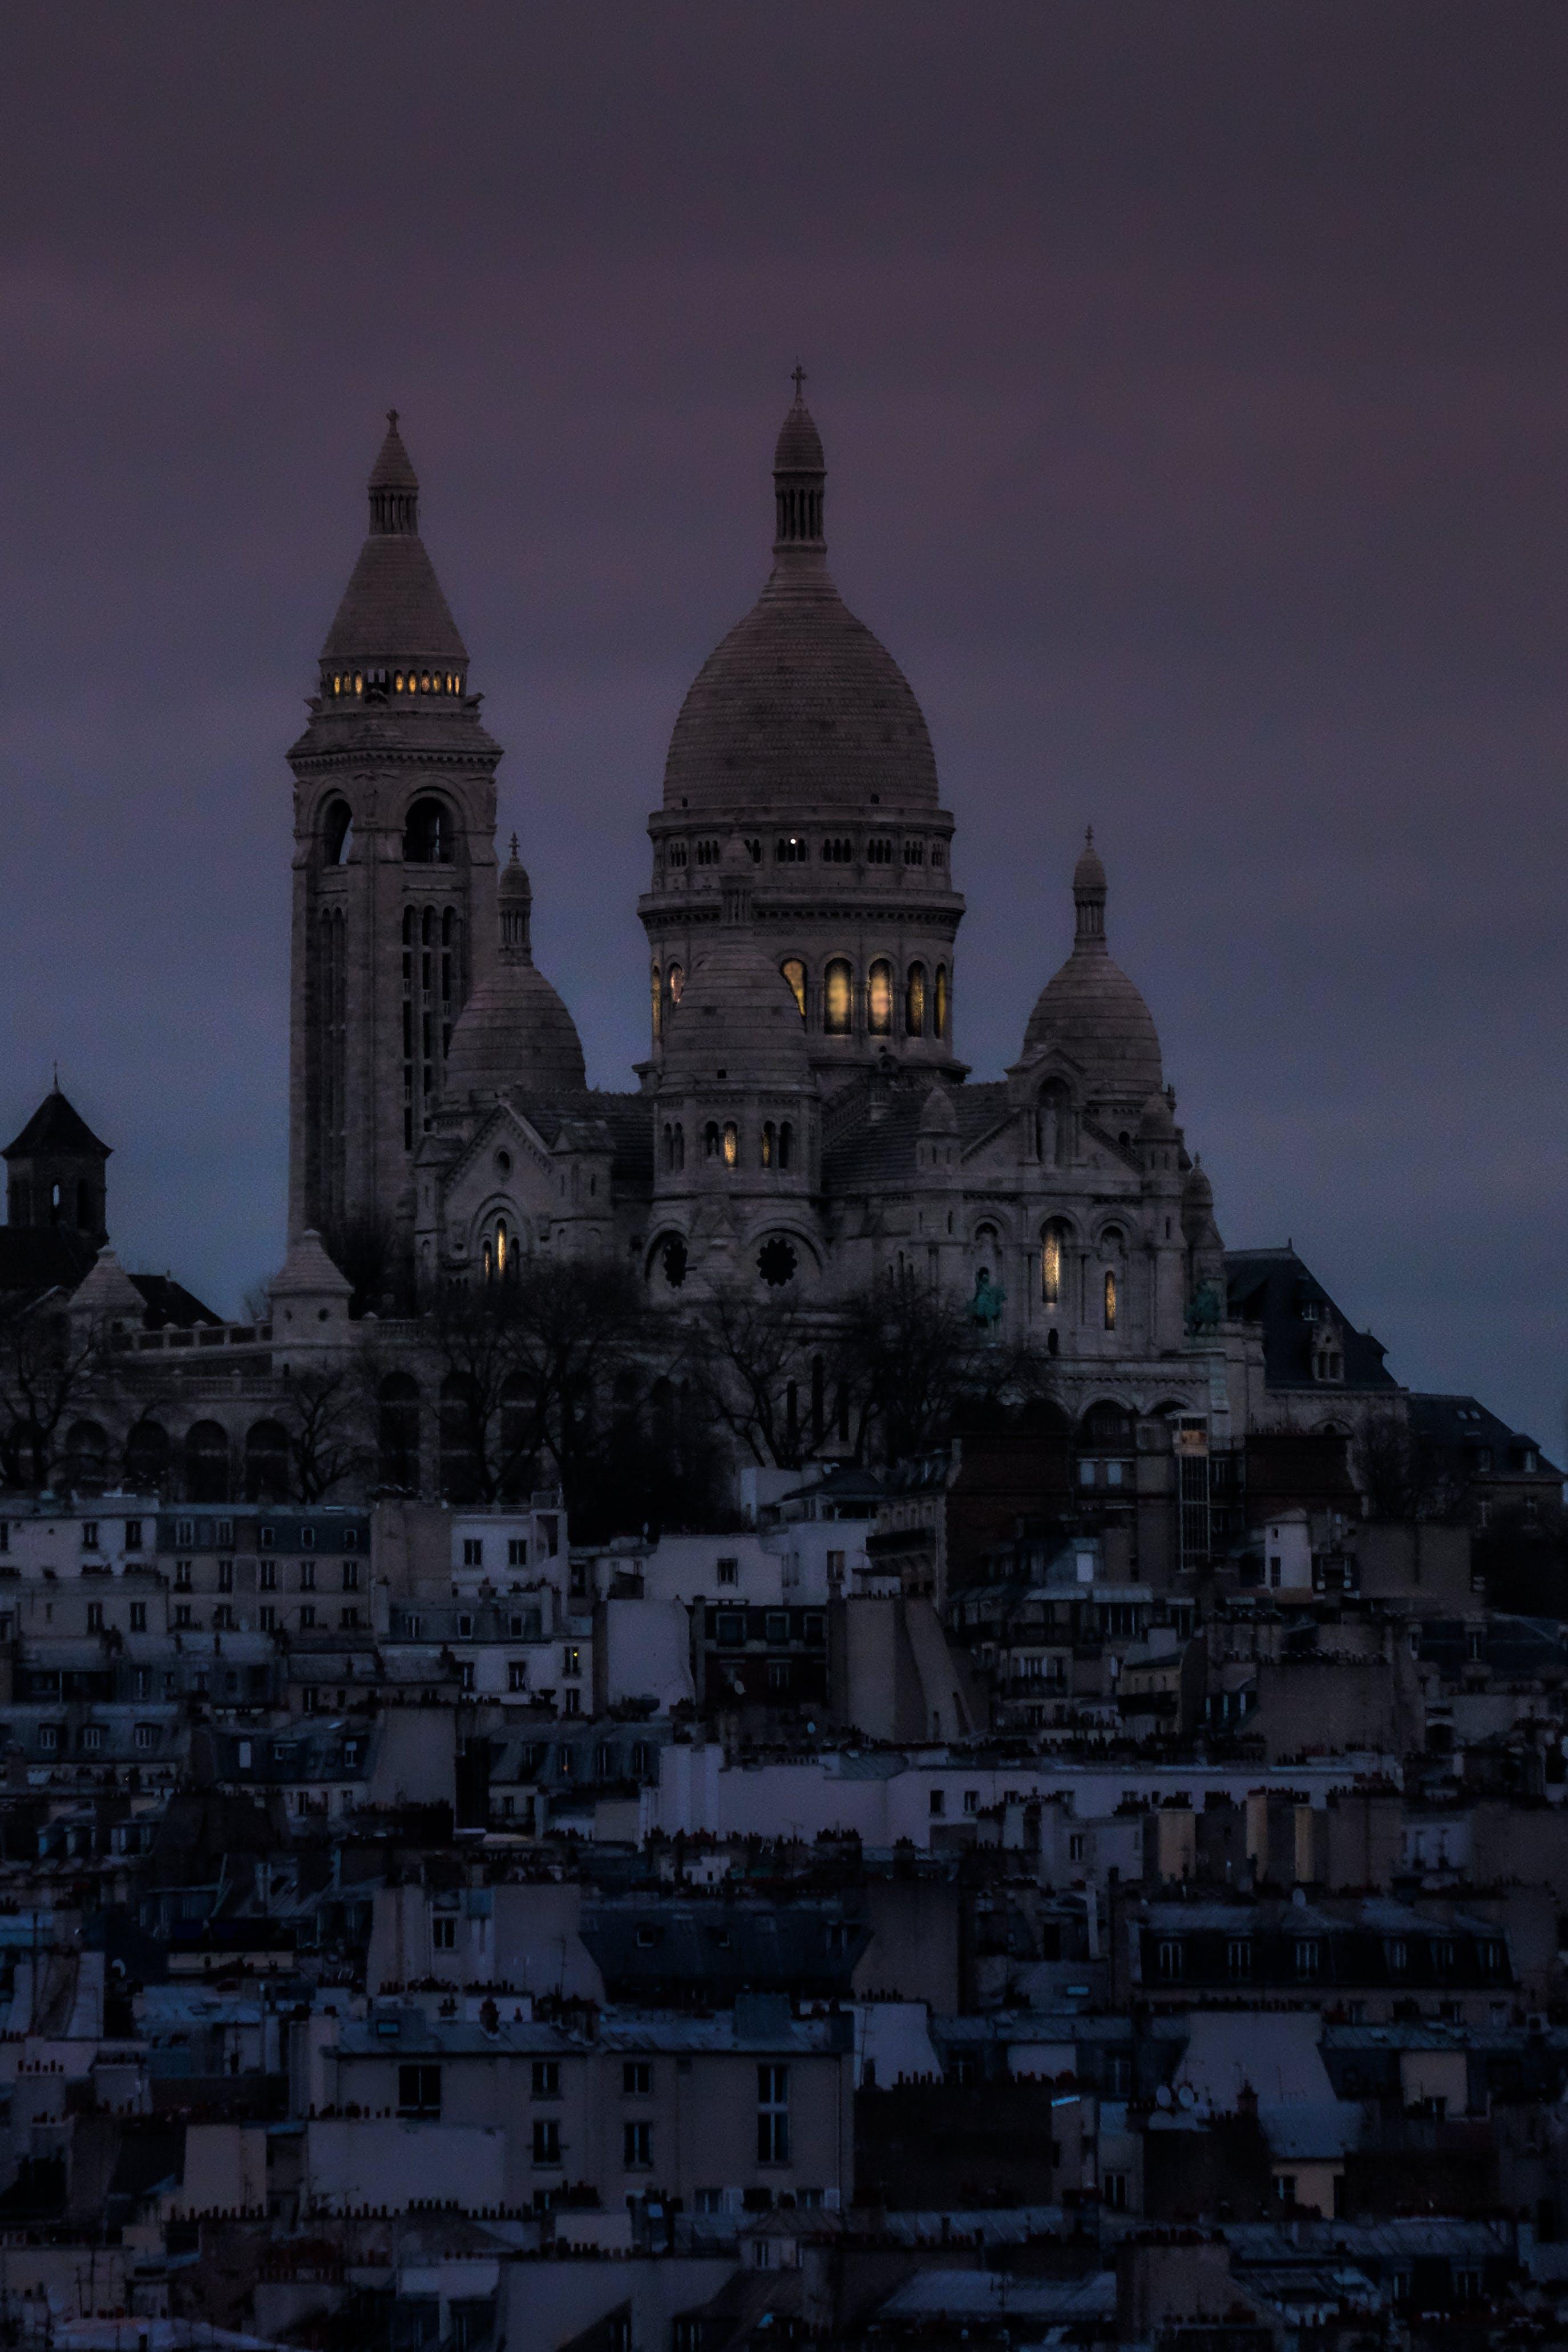 Δωρεάν στοκ φωτογραφιών με αστική ζωή, βασιλική εκκλησία, Βασιλική της Ιερής Καρδιάς του Παρισιού, βραδινός ουρανός